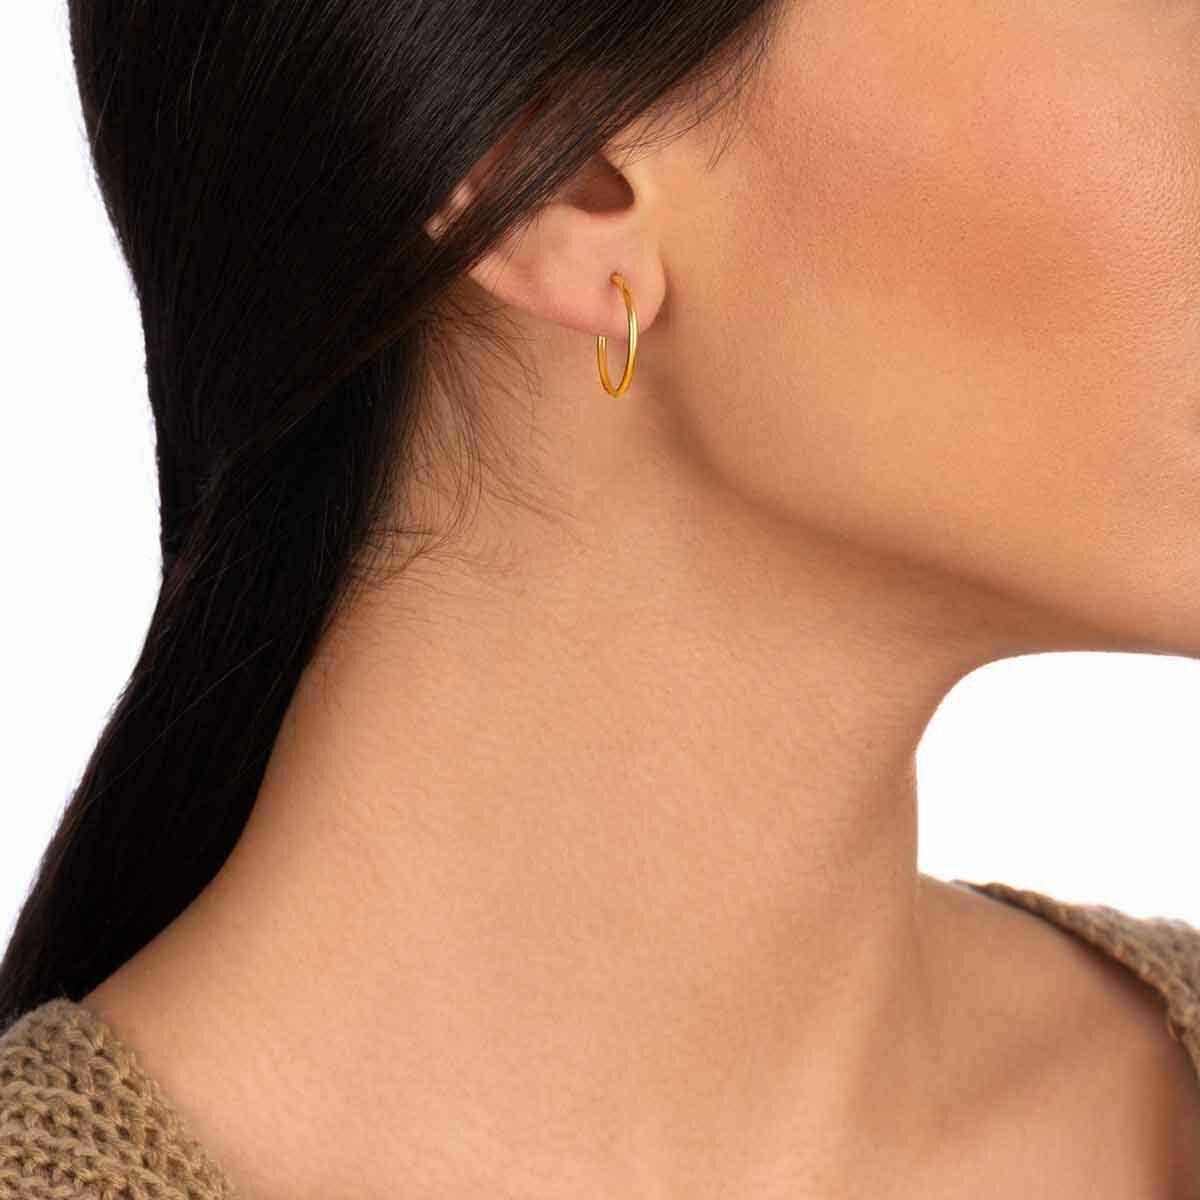 گوشواره طلا تک لنگه ای حلقه